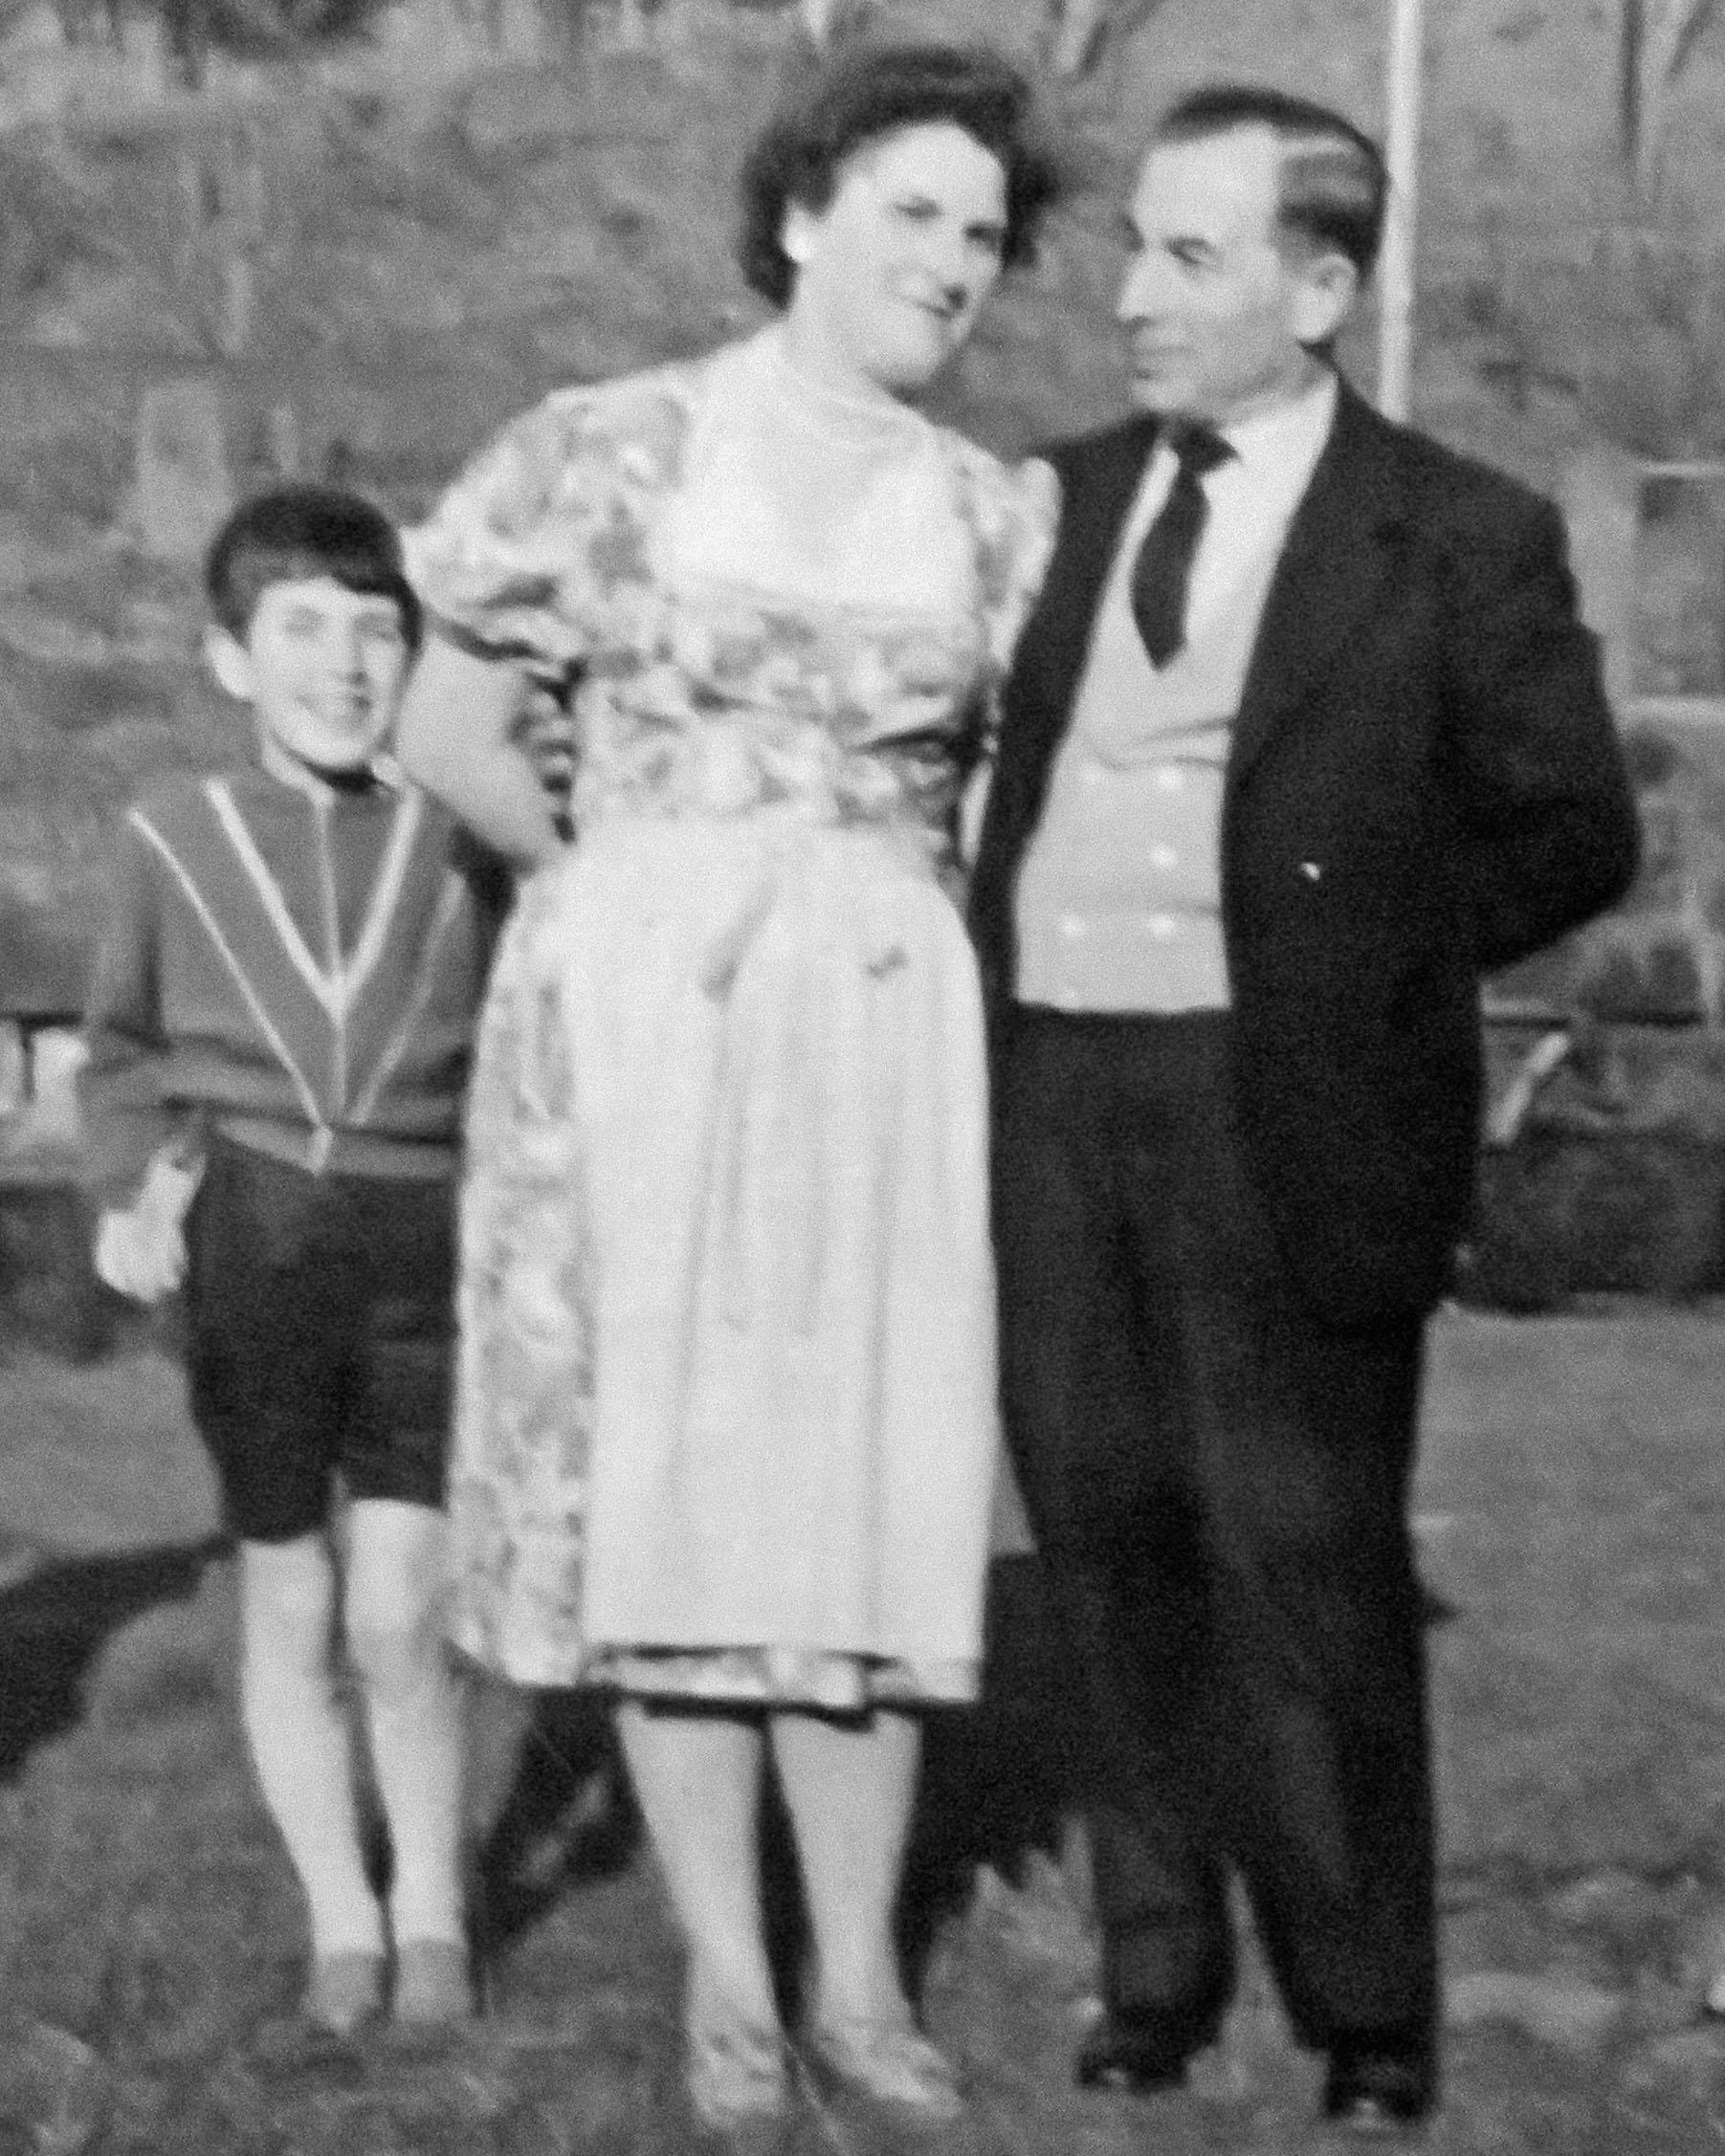 Notre oncle Karl et notre grand-mère Martha